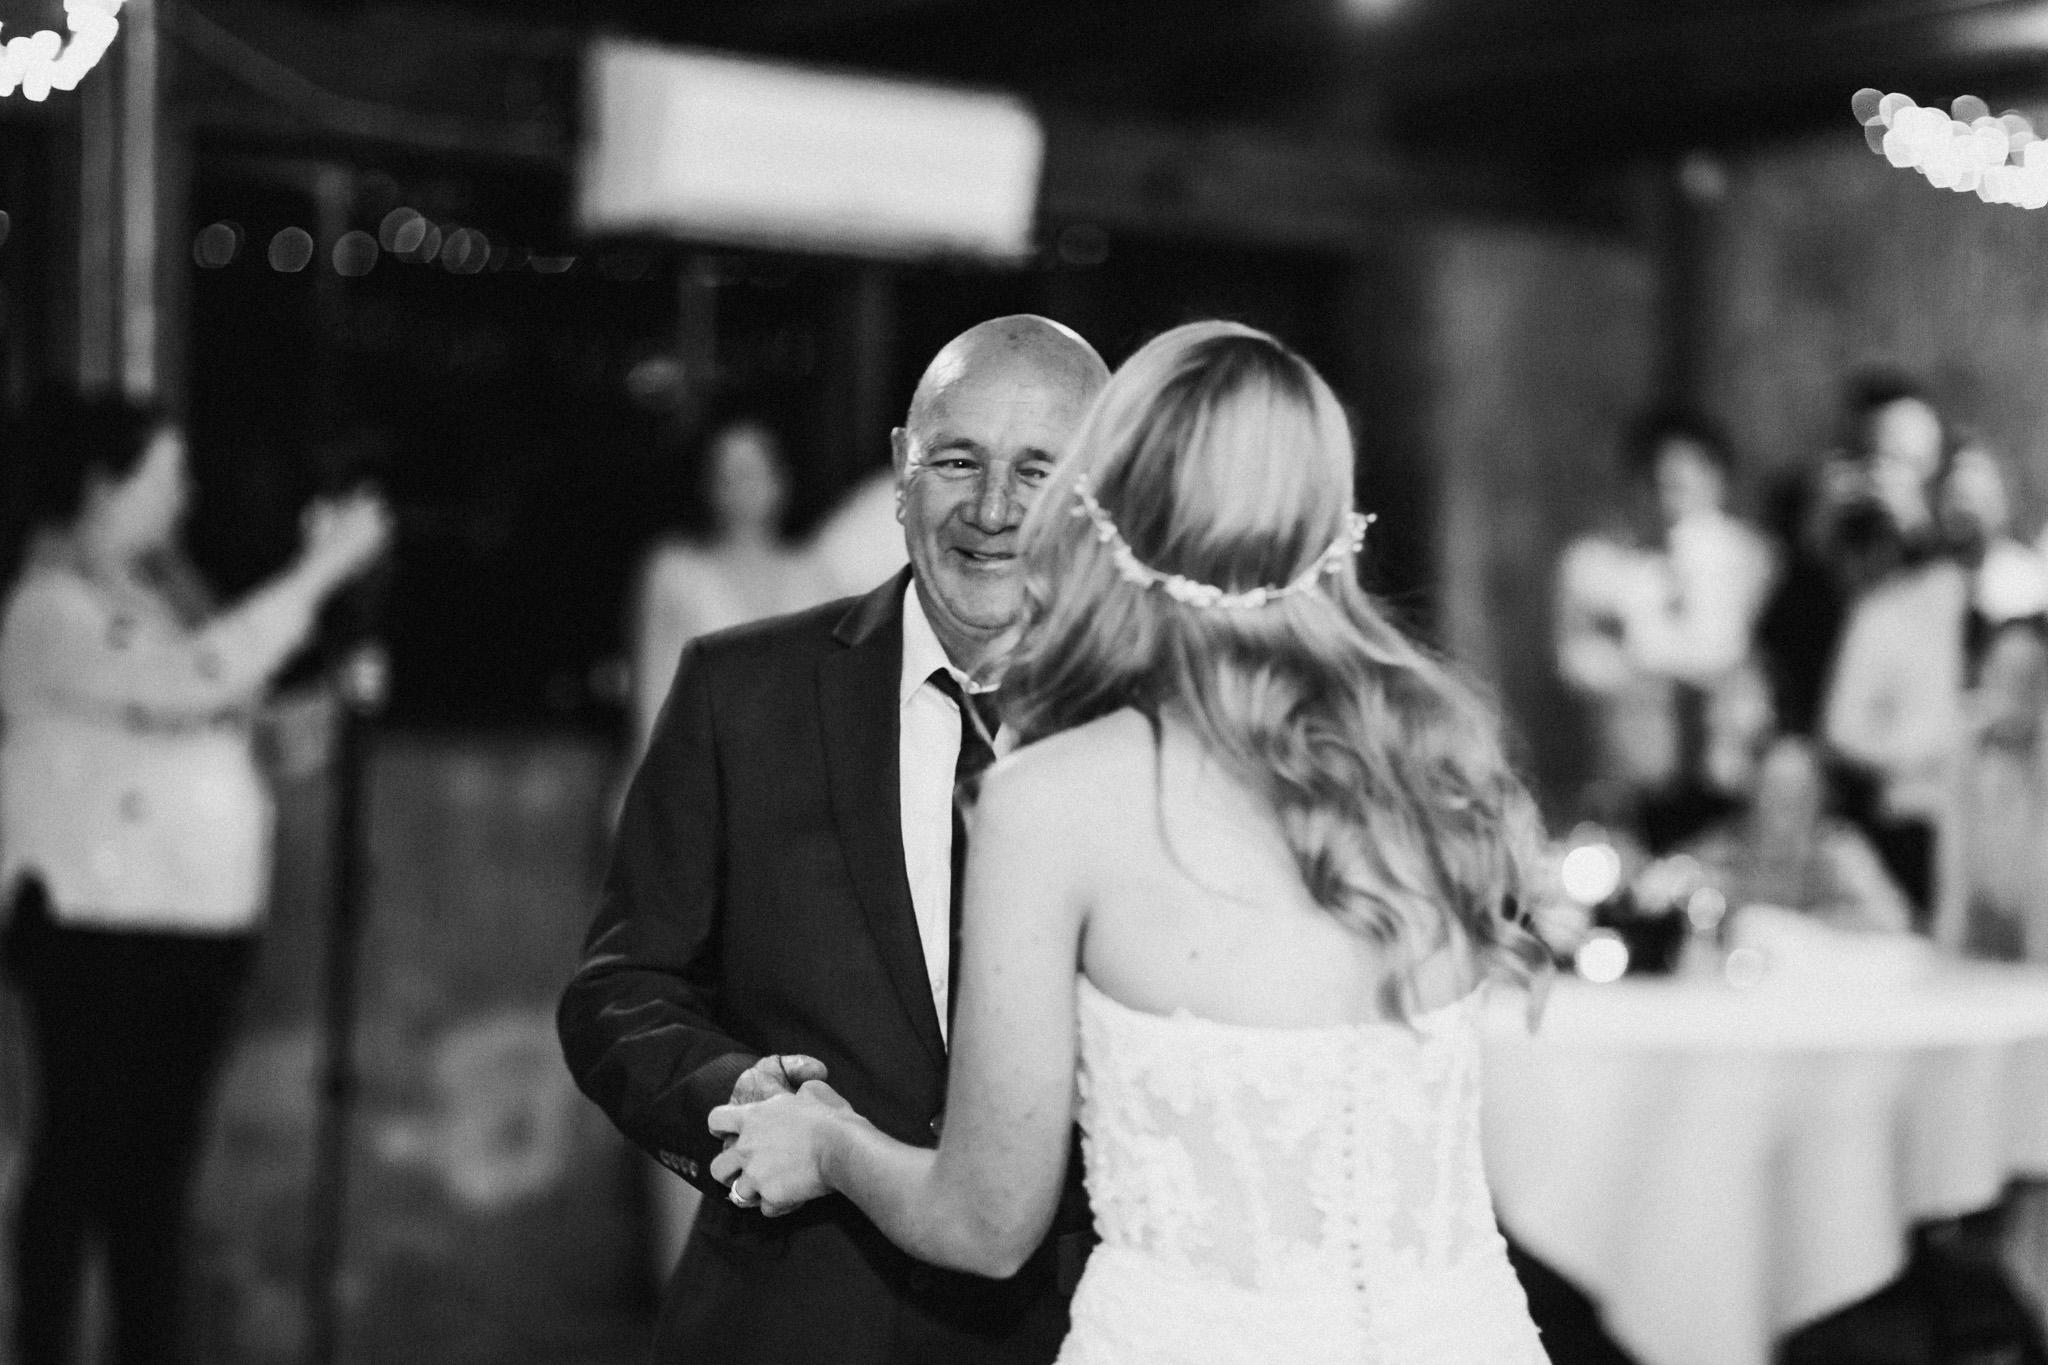 WeddingPhotos_Facebook_2048pixels-1158.jpg